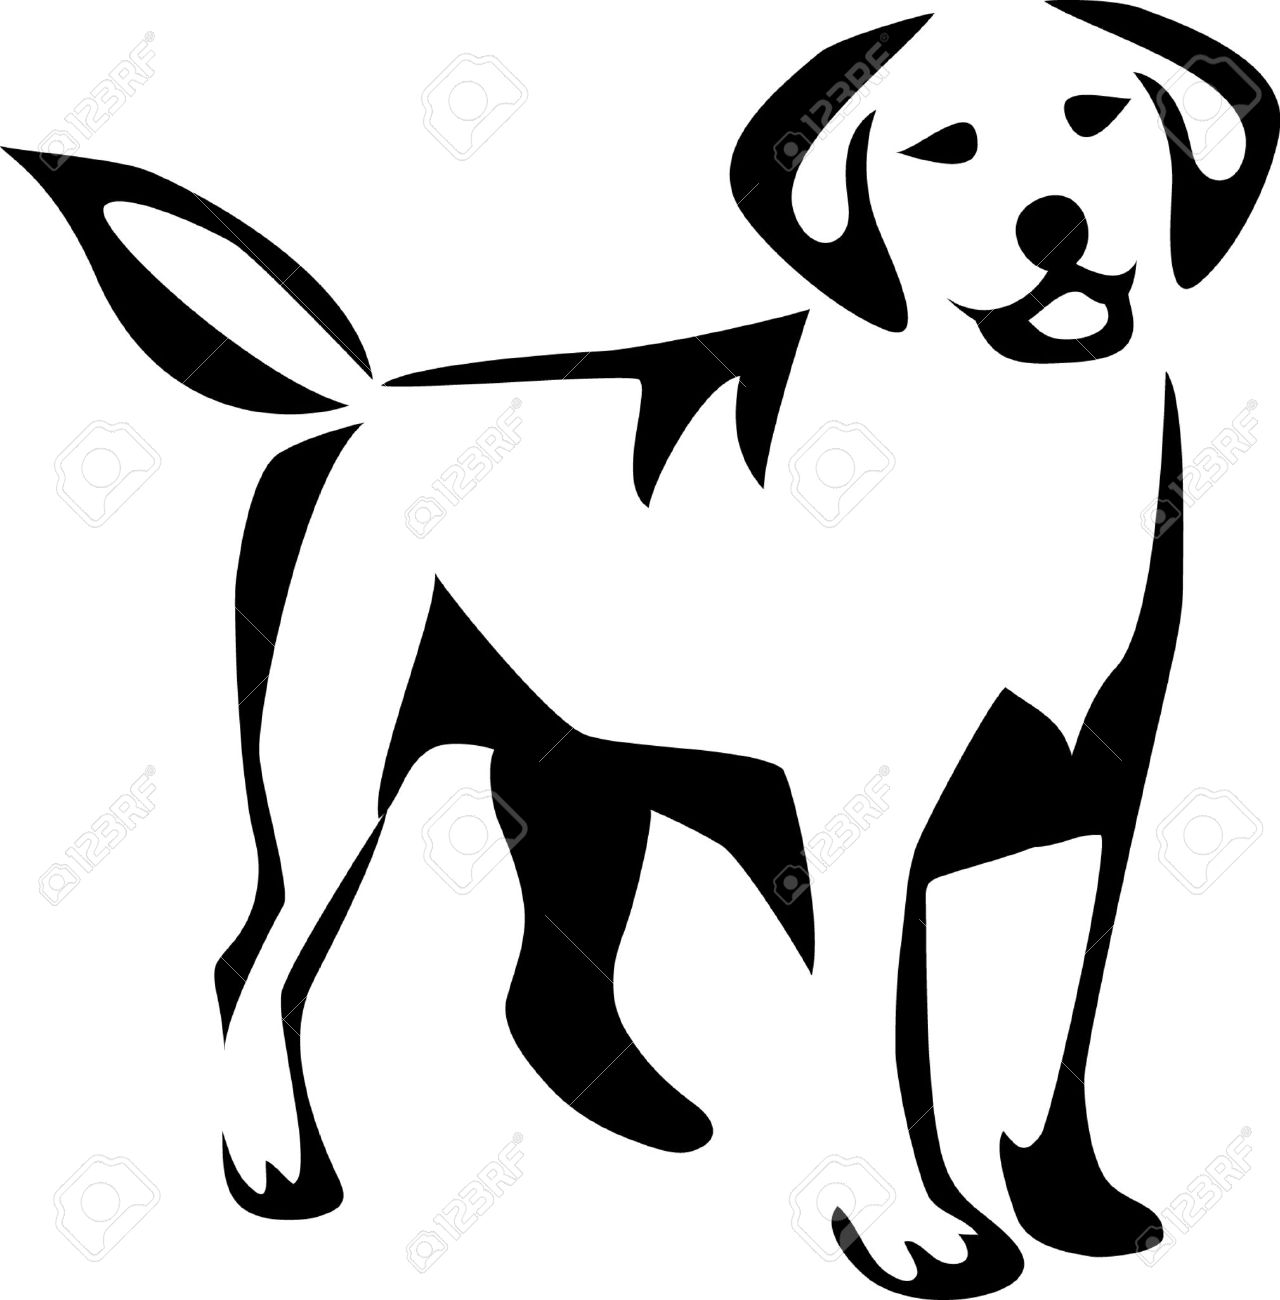 stylized labrador retriever royalty free cliparts vectors and rh 123rf com labrador retriever black and white clipart Labrador Retriever Head